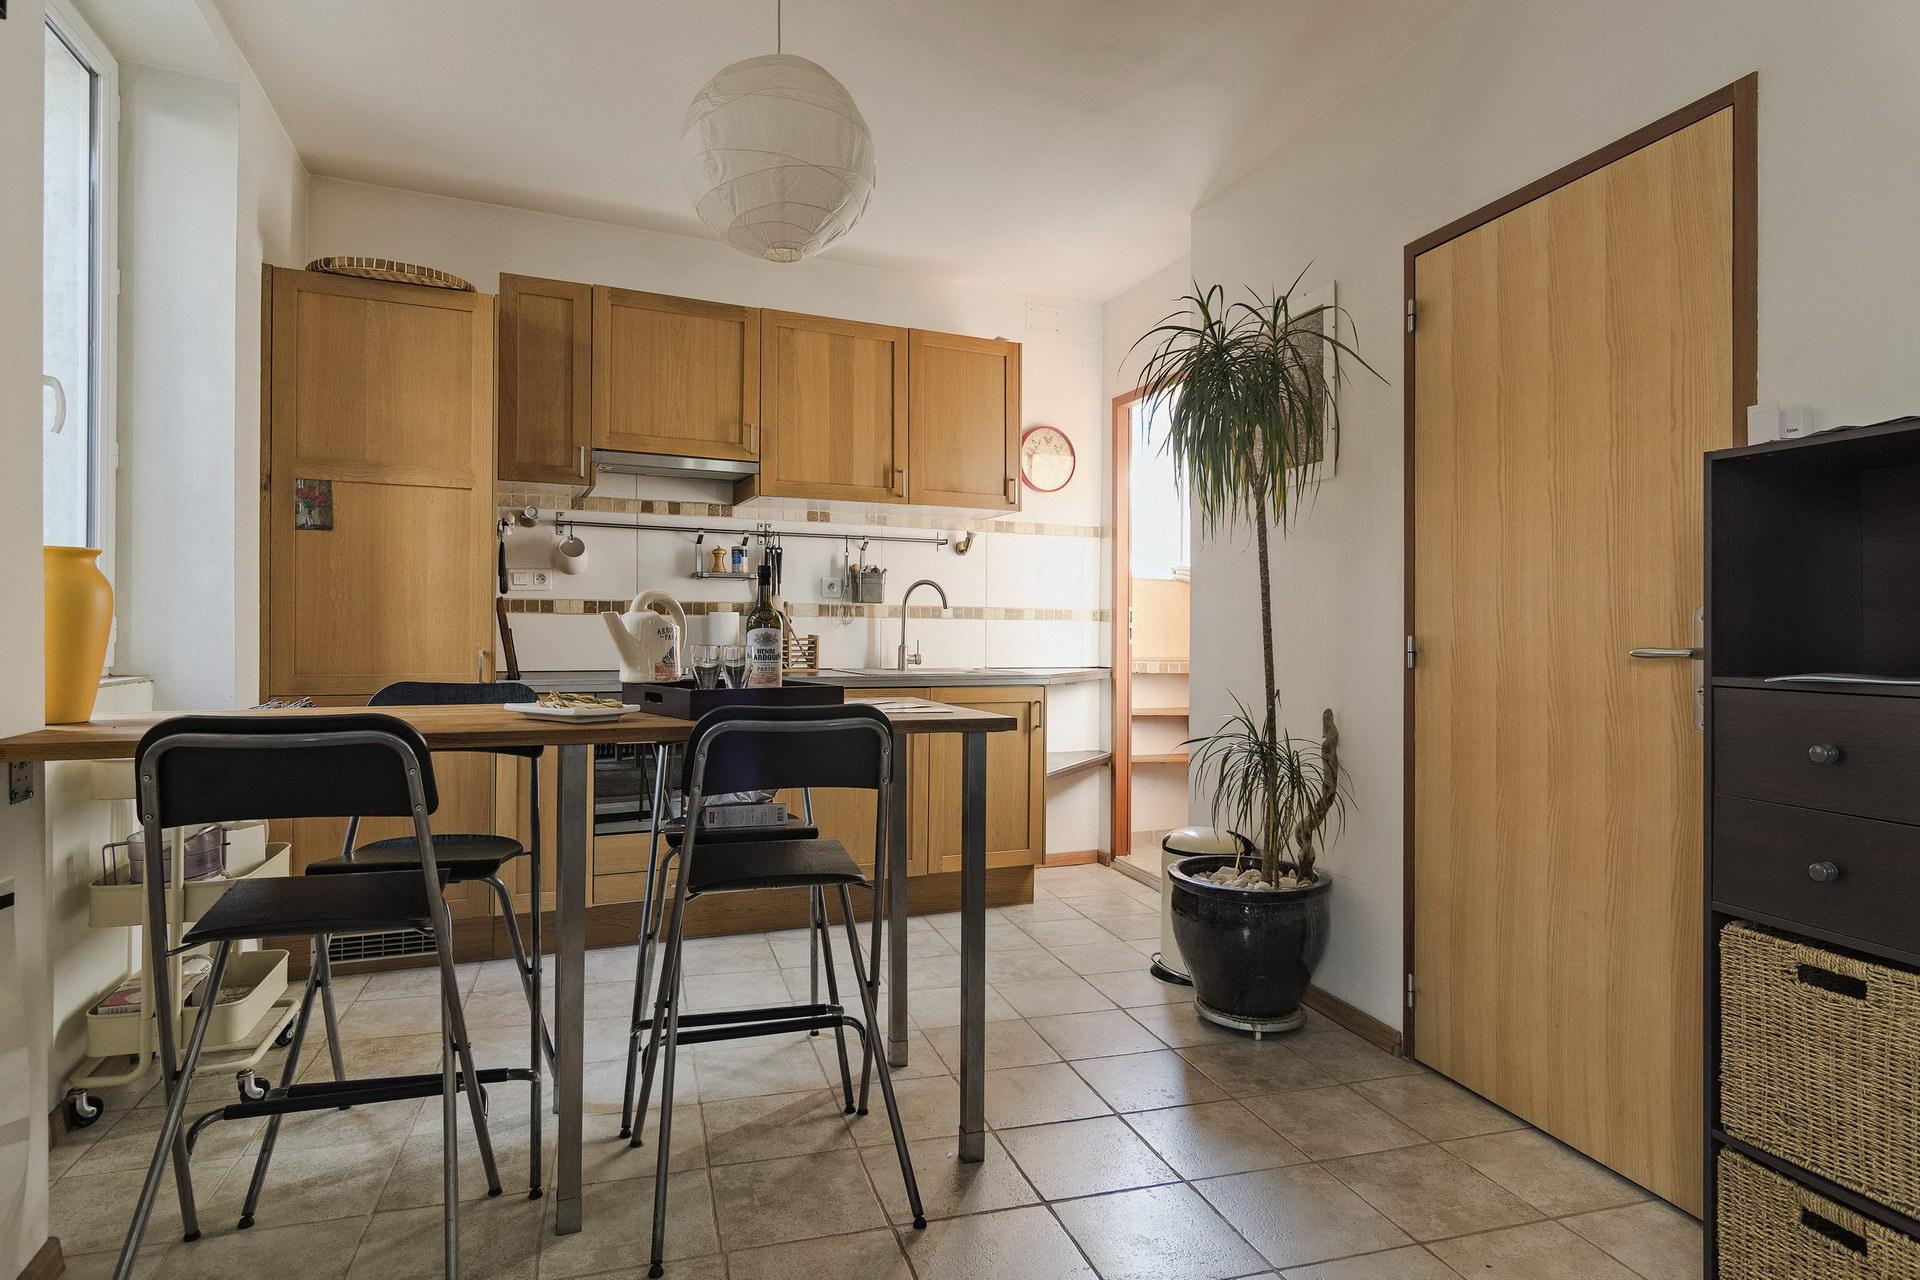 appartement de charme en location à Forcalquier 2 personnes cuisine ouverte équipée